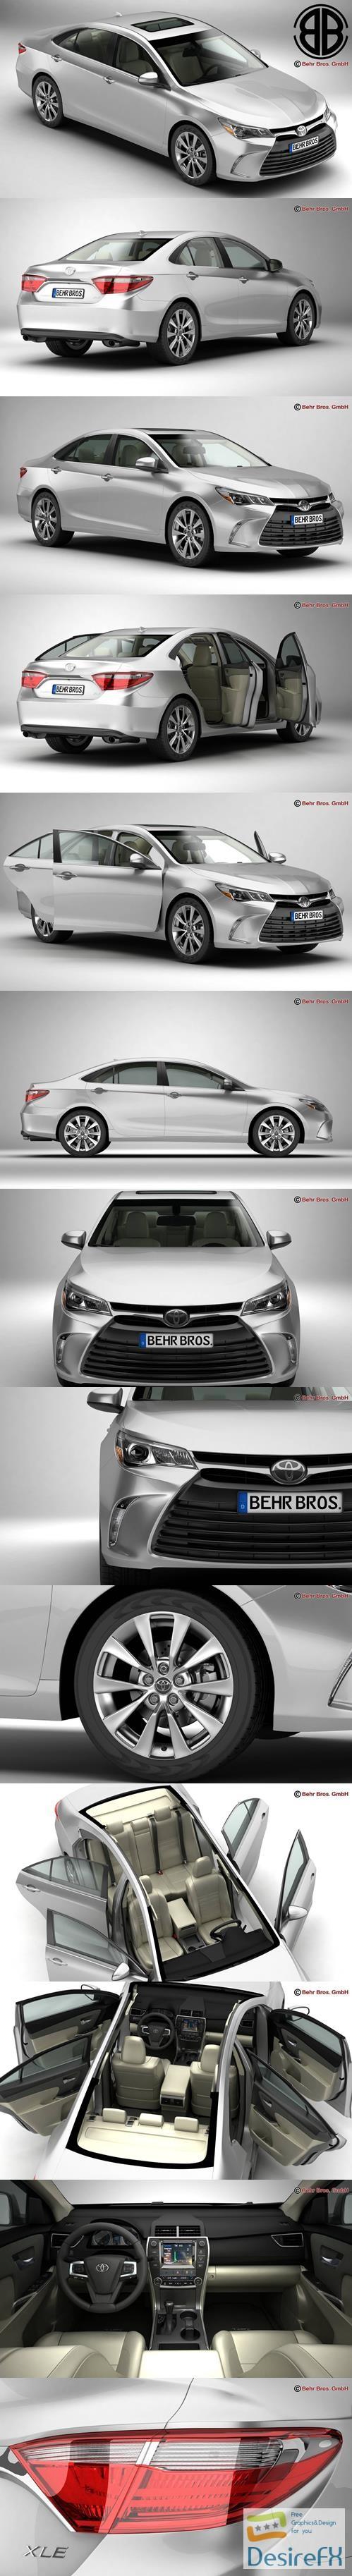 3d-models - Toyota Camry 2015 3D Model